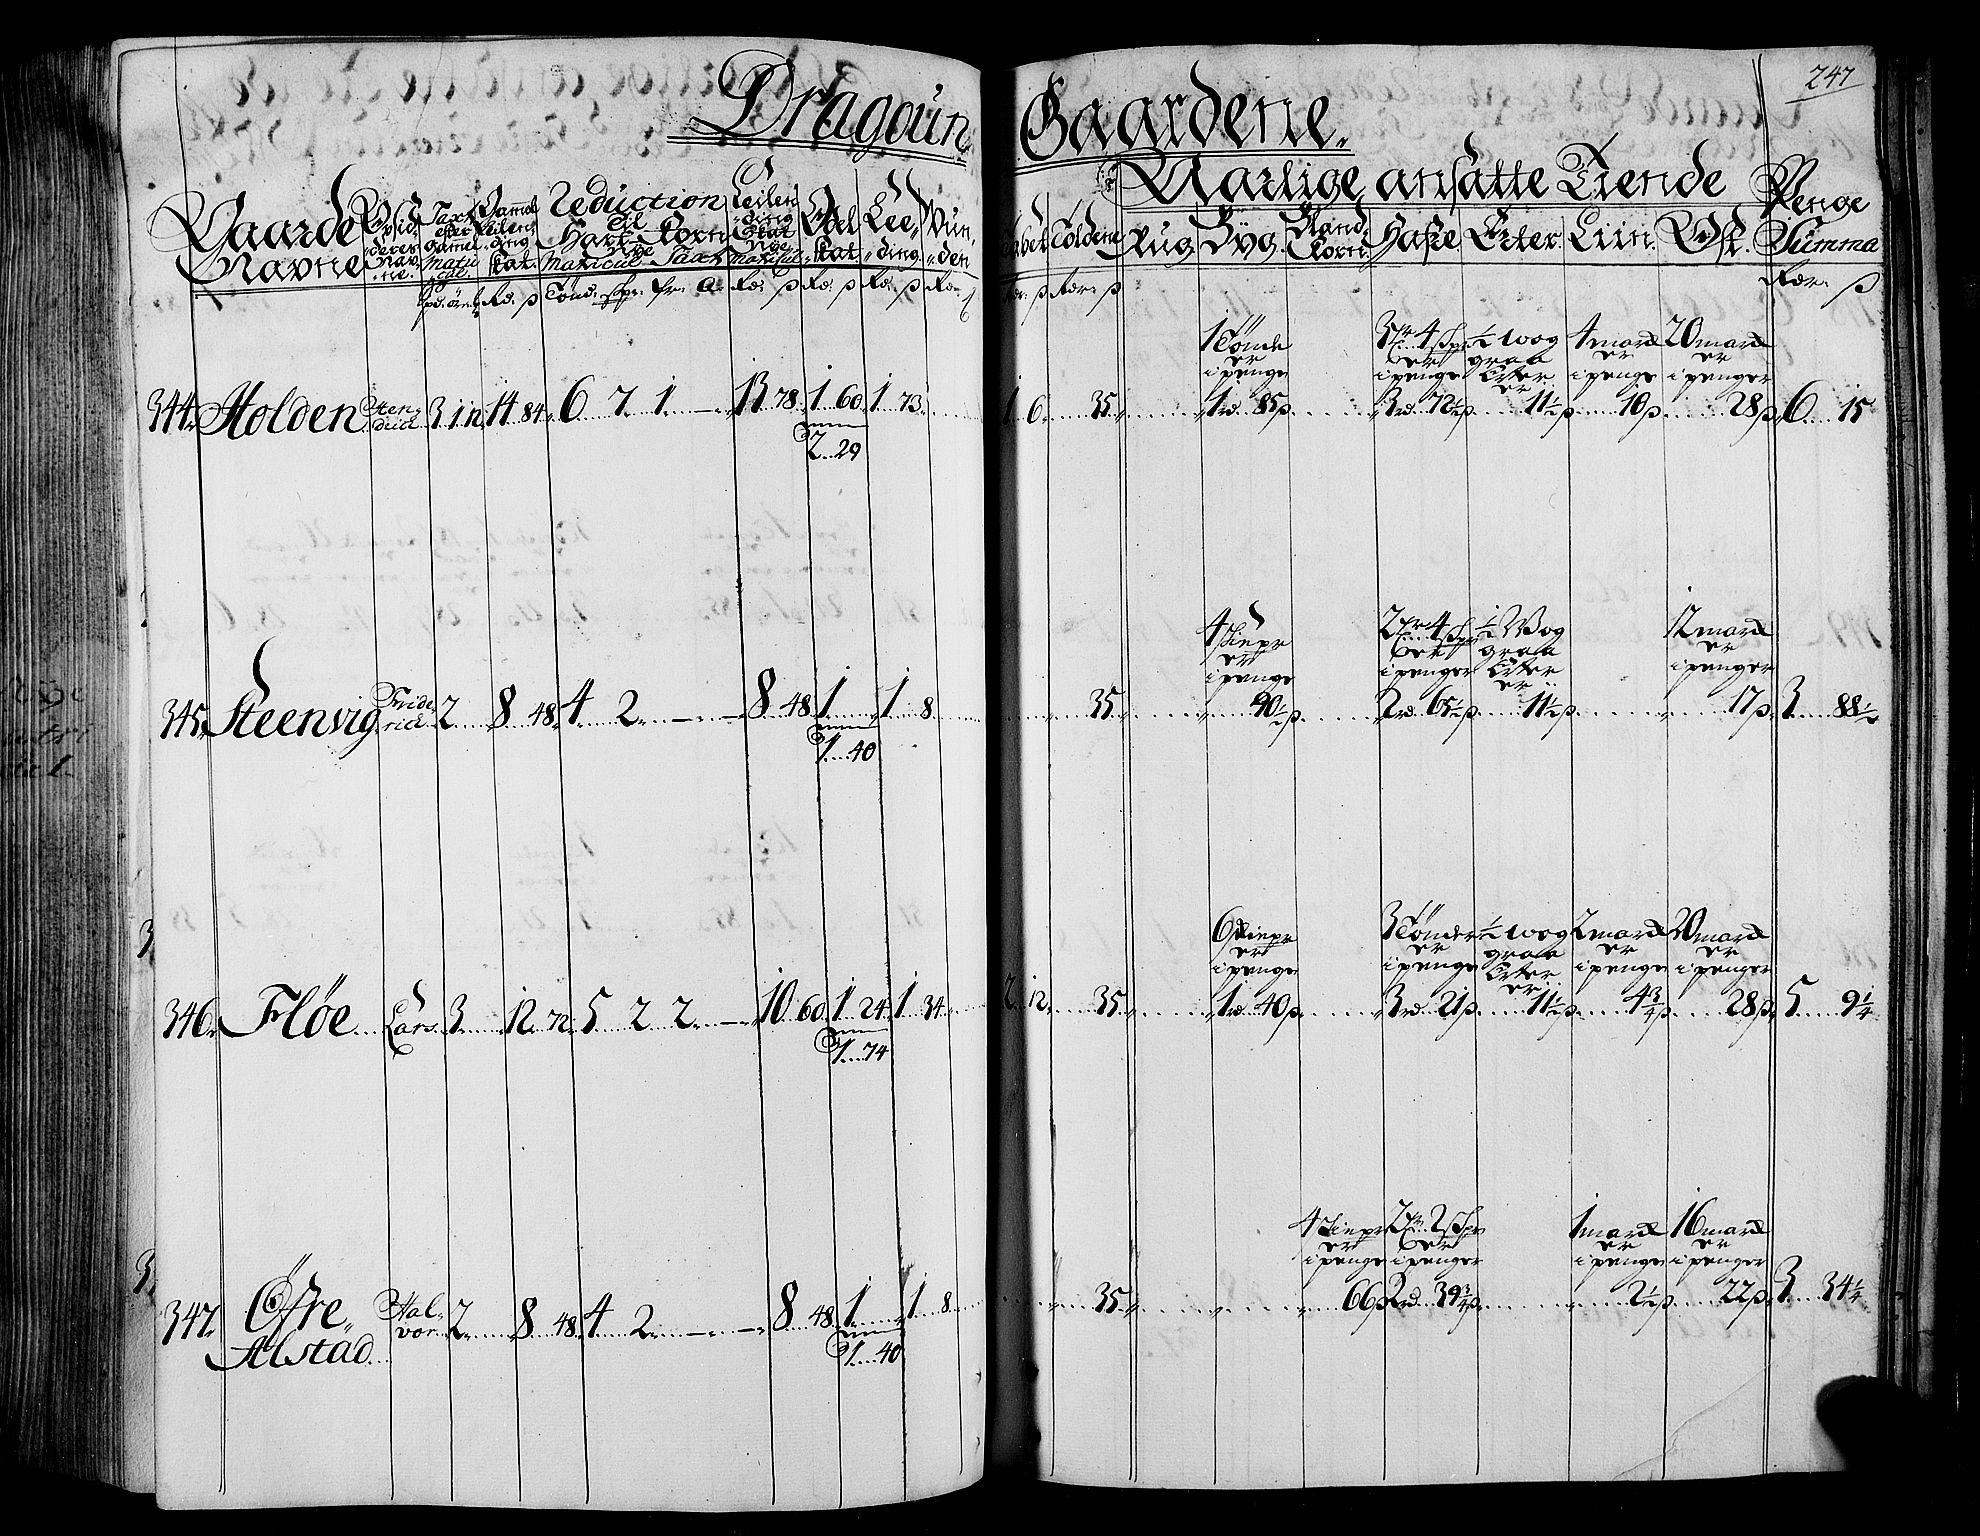 RA, Rentekammeret inntil 1814, Realistisk ordnet avdeling, N/Nb/Nbf/L0165: Stjørdal og Verdal matrikkelprotokoll, 1723, s. 246b-247a